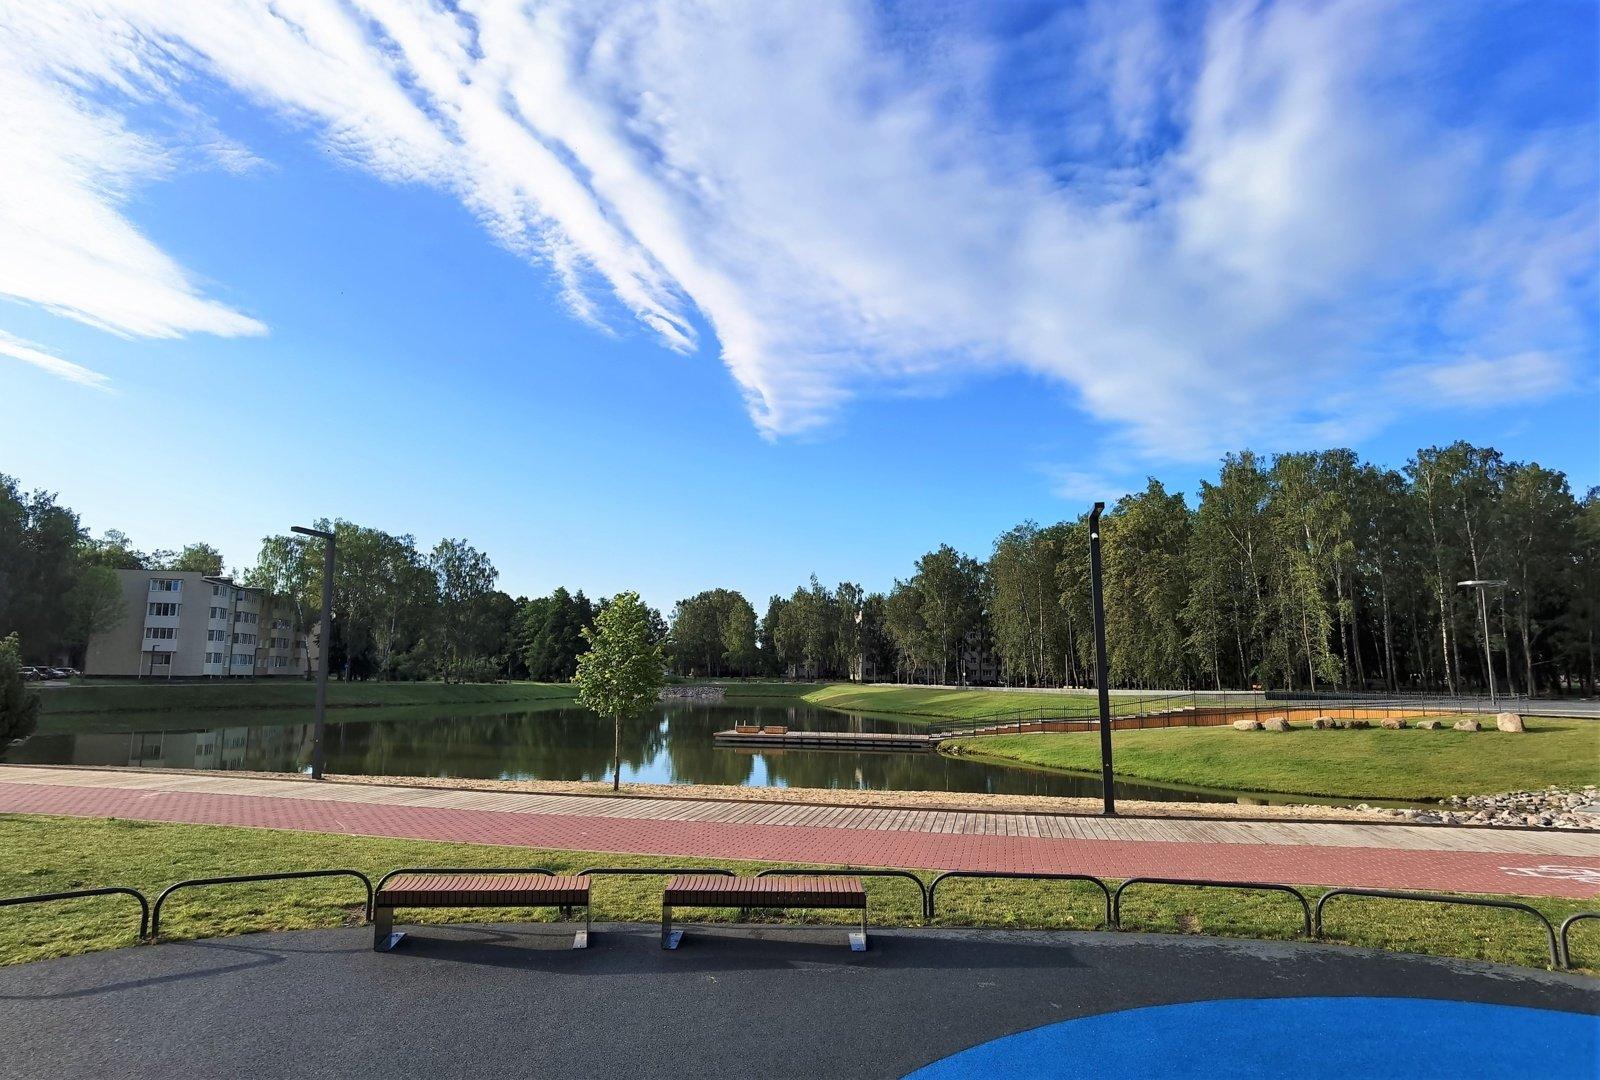 Prienų Beržyno parko tvenkinio ir Jiezno ežero vandens kokybė gera